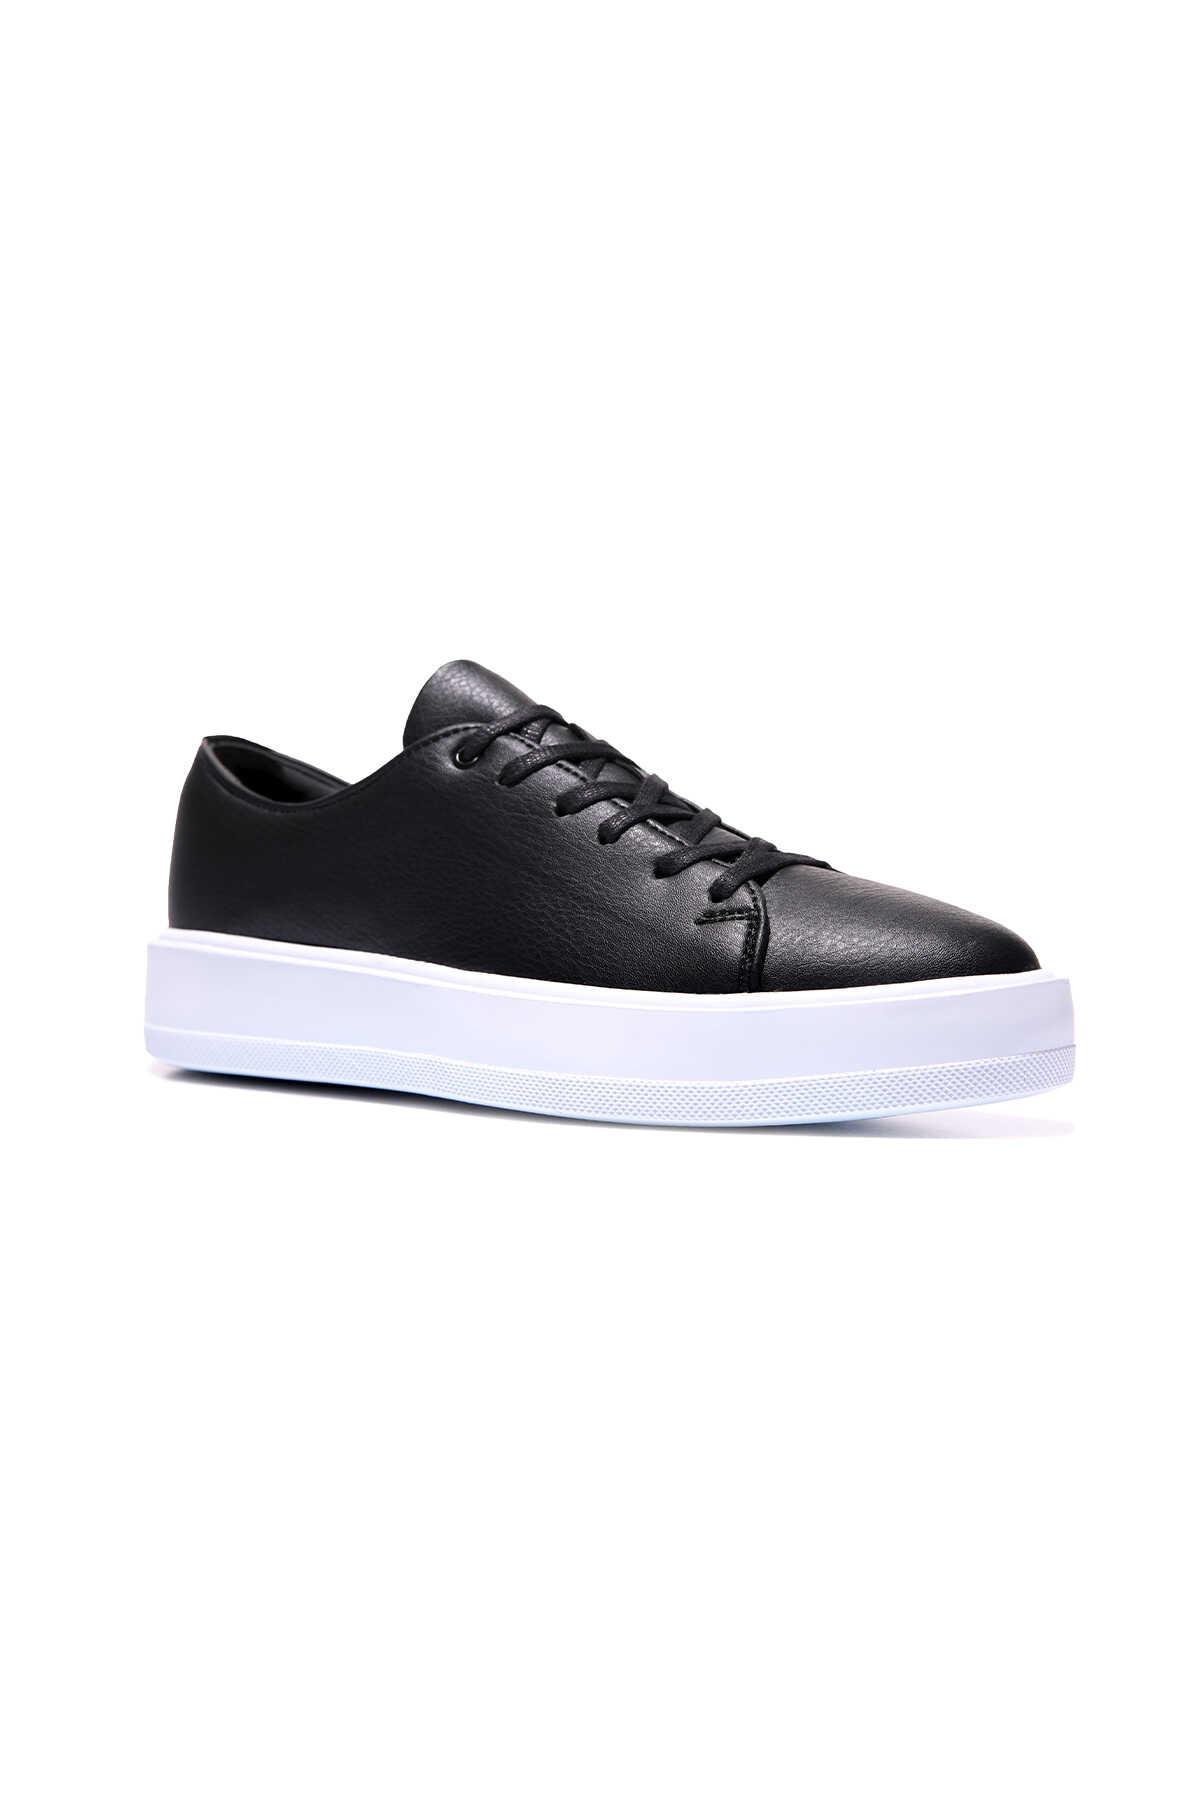 Tommy Life Toptan Siyah-Beyaz Erkek Bağcıklı Suni Deri Spor Ayakkabı - 89051_1